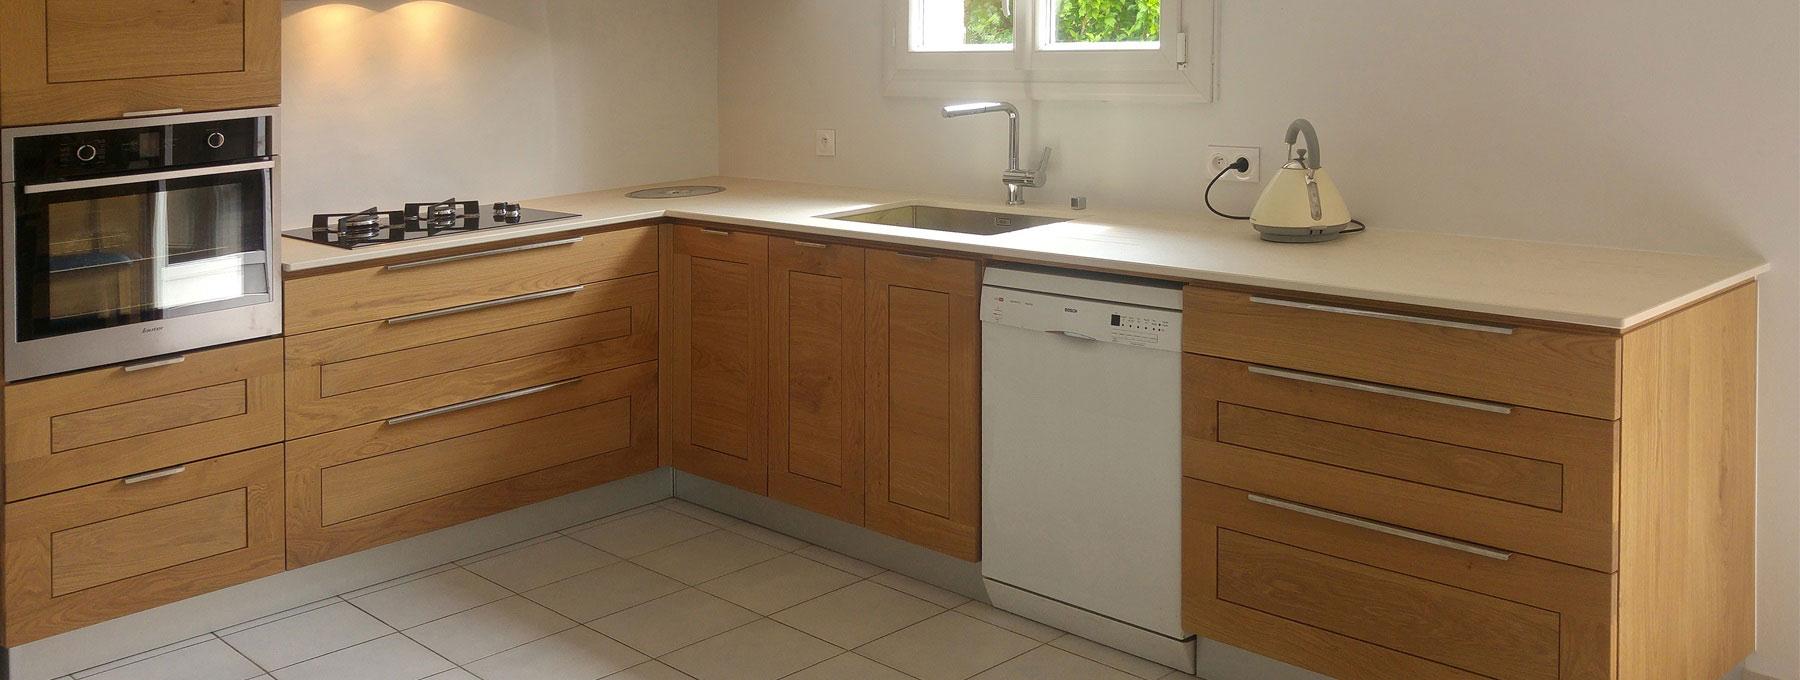 fabricant de meubles cologiques design et contemporains en bois naturel delorme meubles. Black Bedroom Furniture Sets. Home Design Ideas